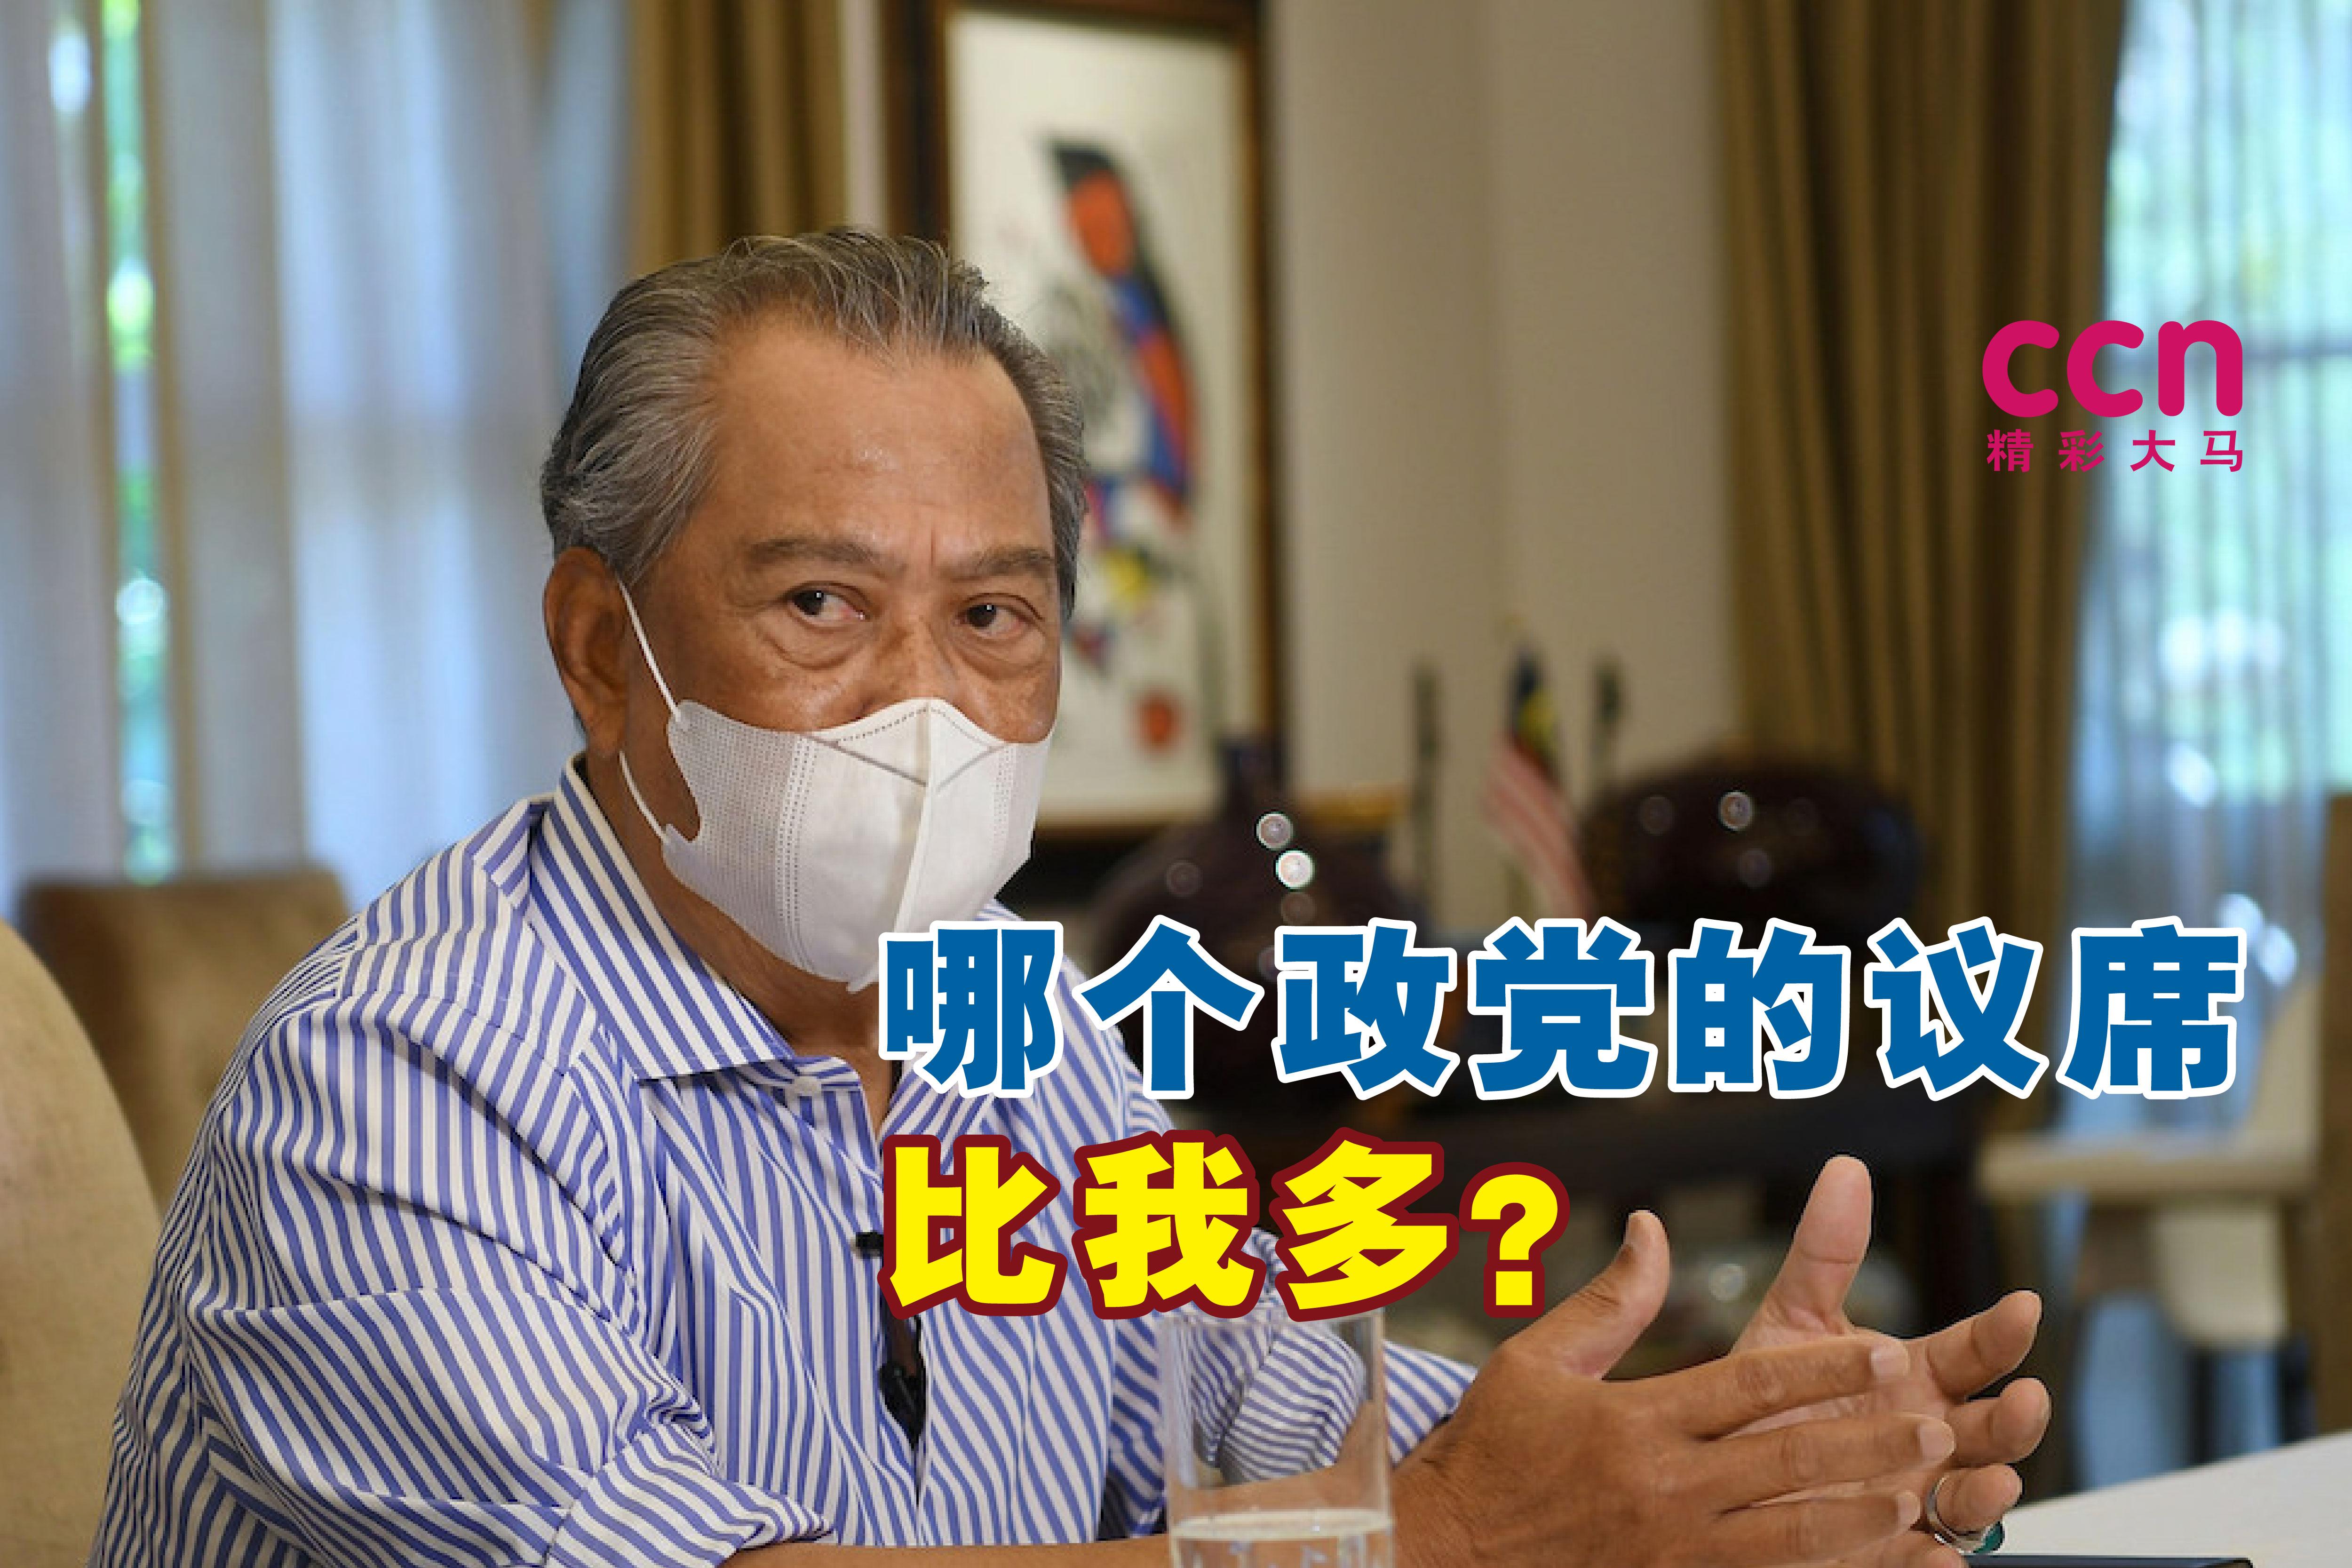 慕尤丁坚信,他仍是获得大多数国会议员支持的首相。-马新社-